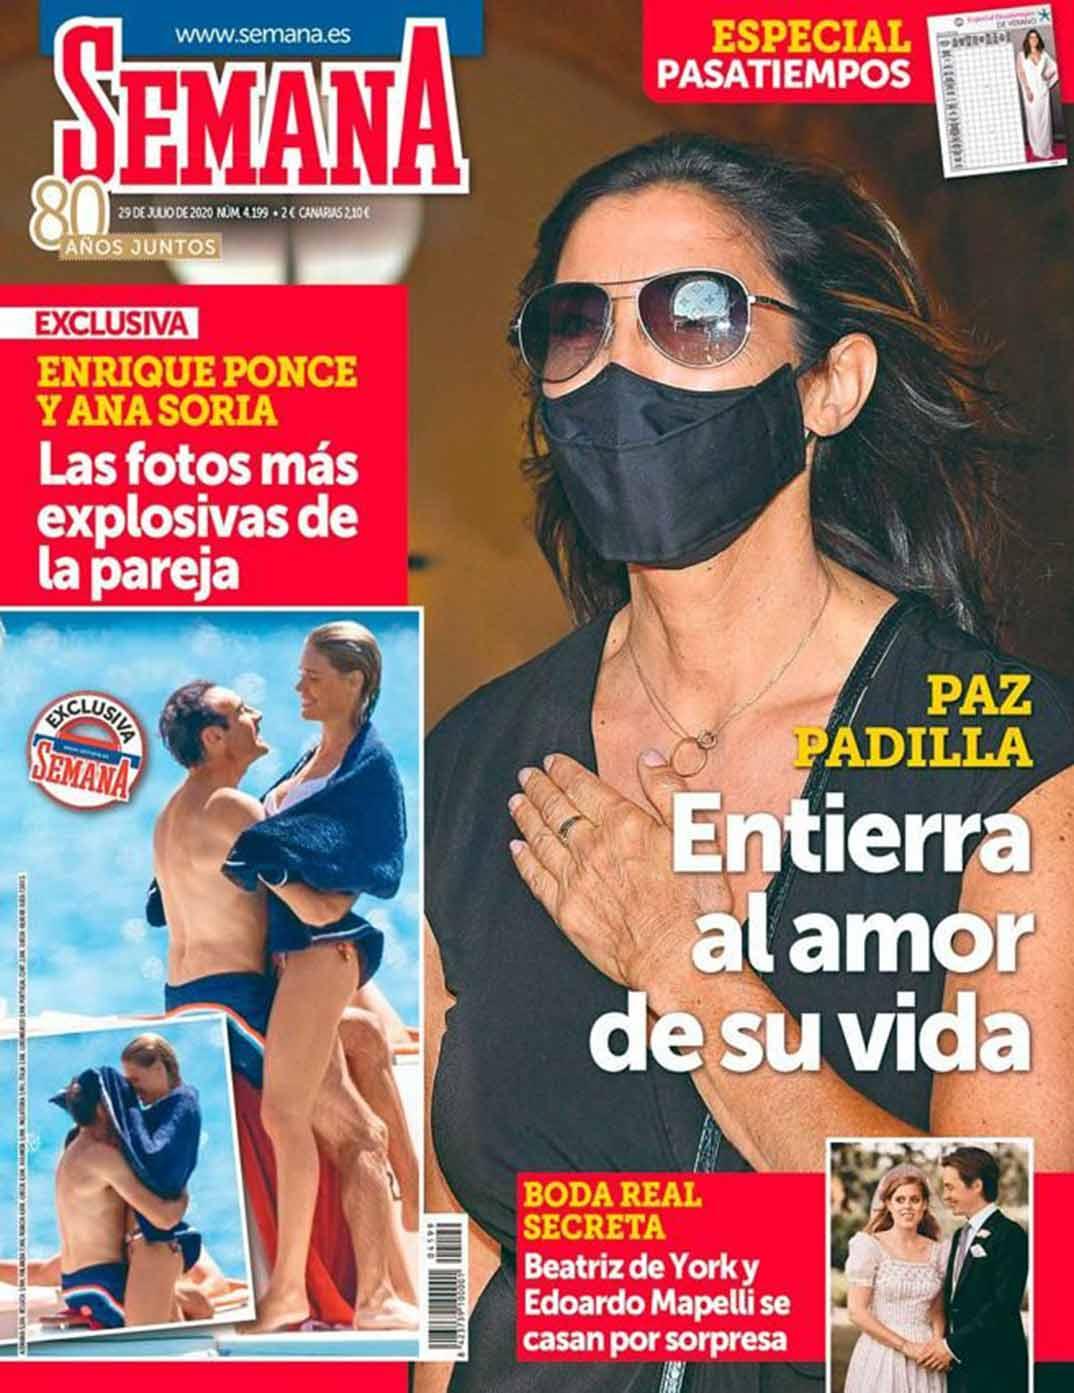 Enrique Ponce y Ana Soria - Revista Semana